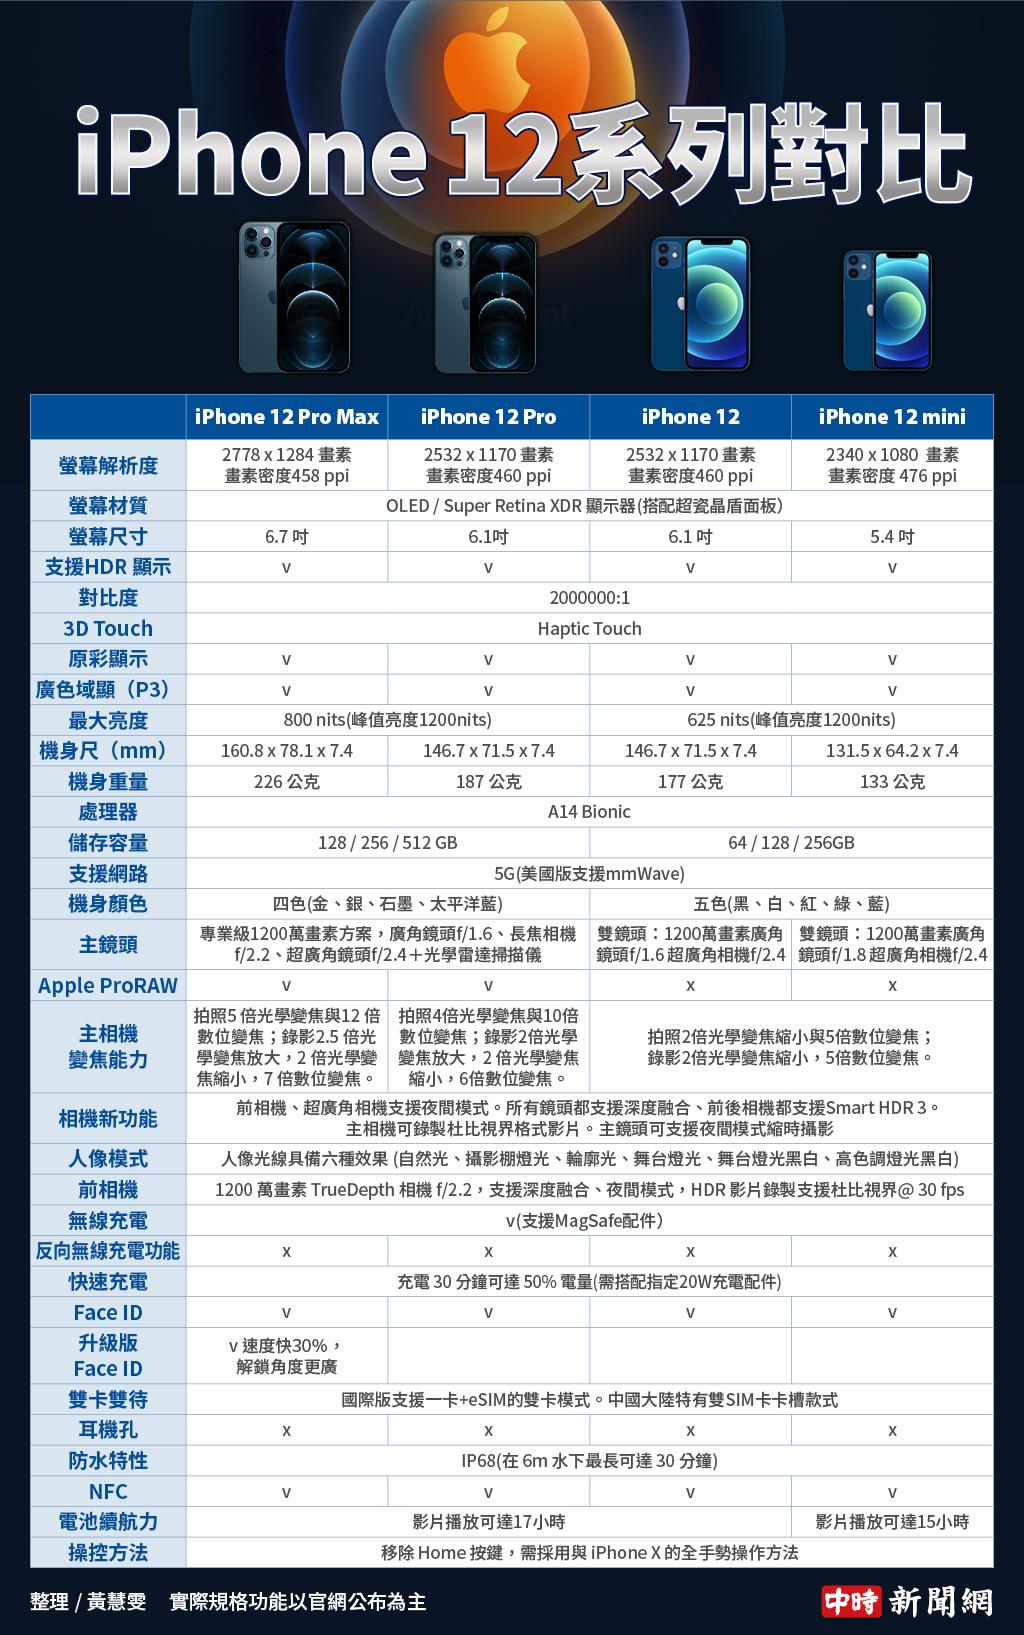 4款iPhone 12规格对比